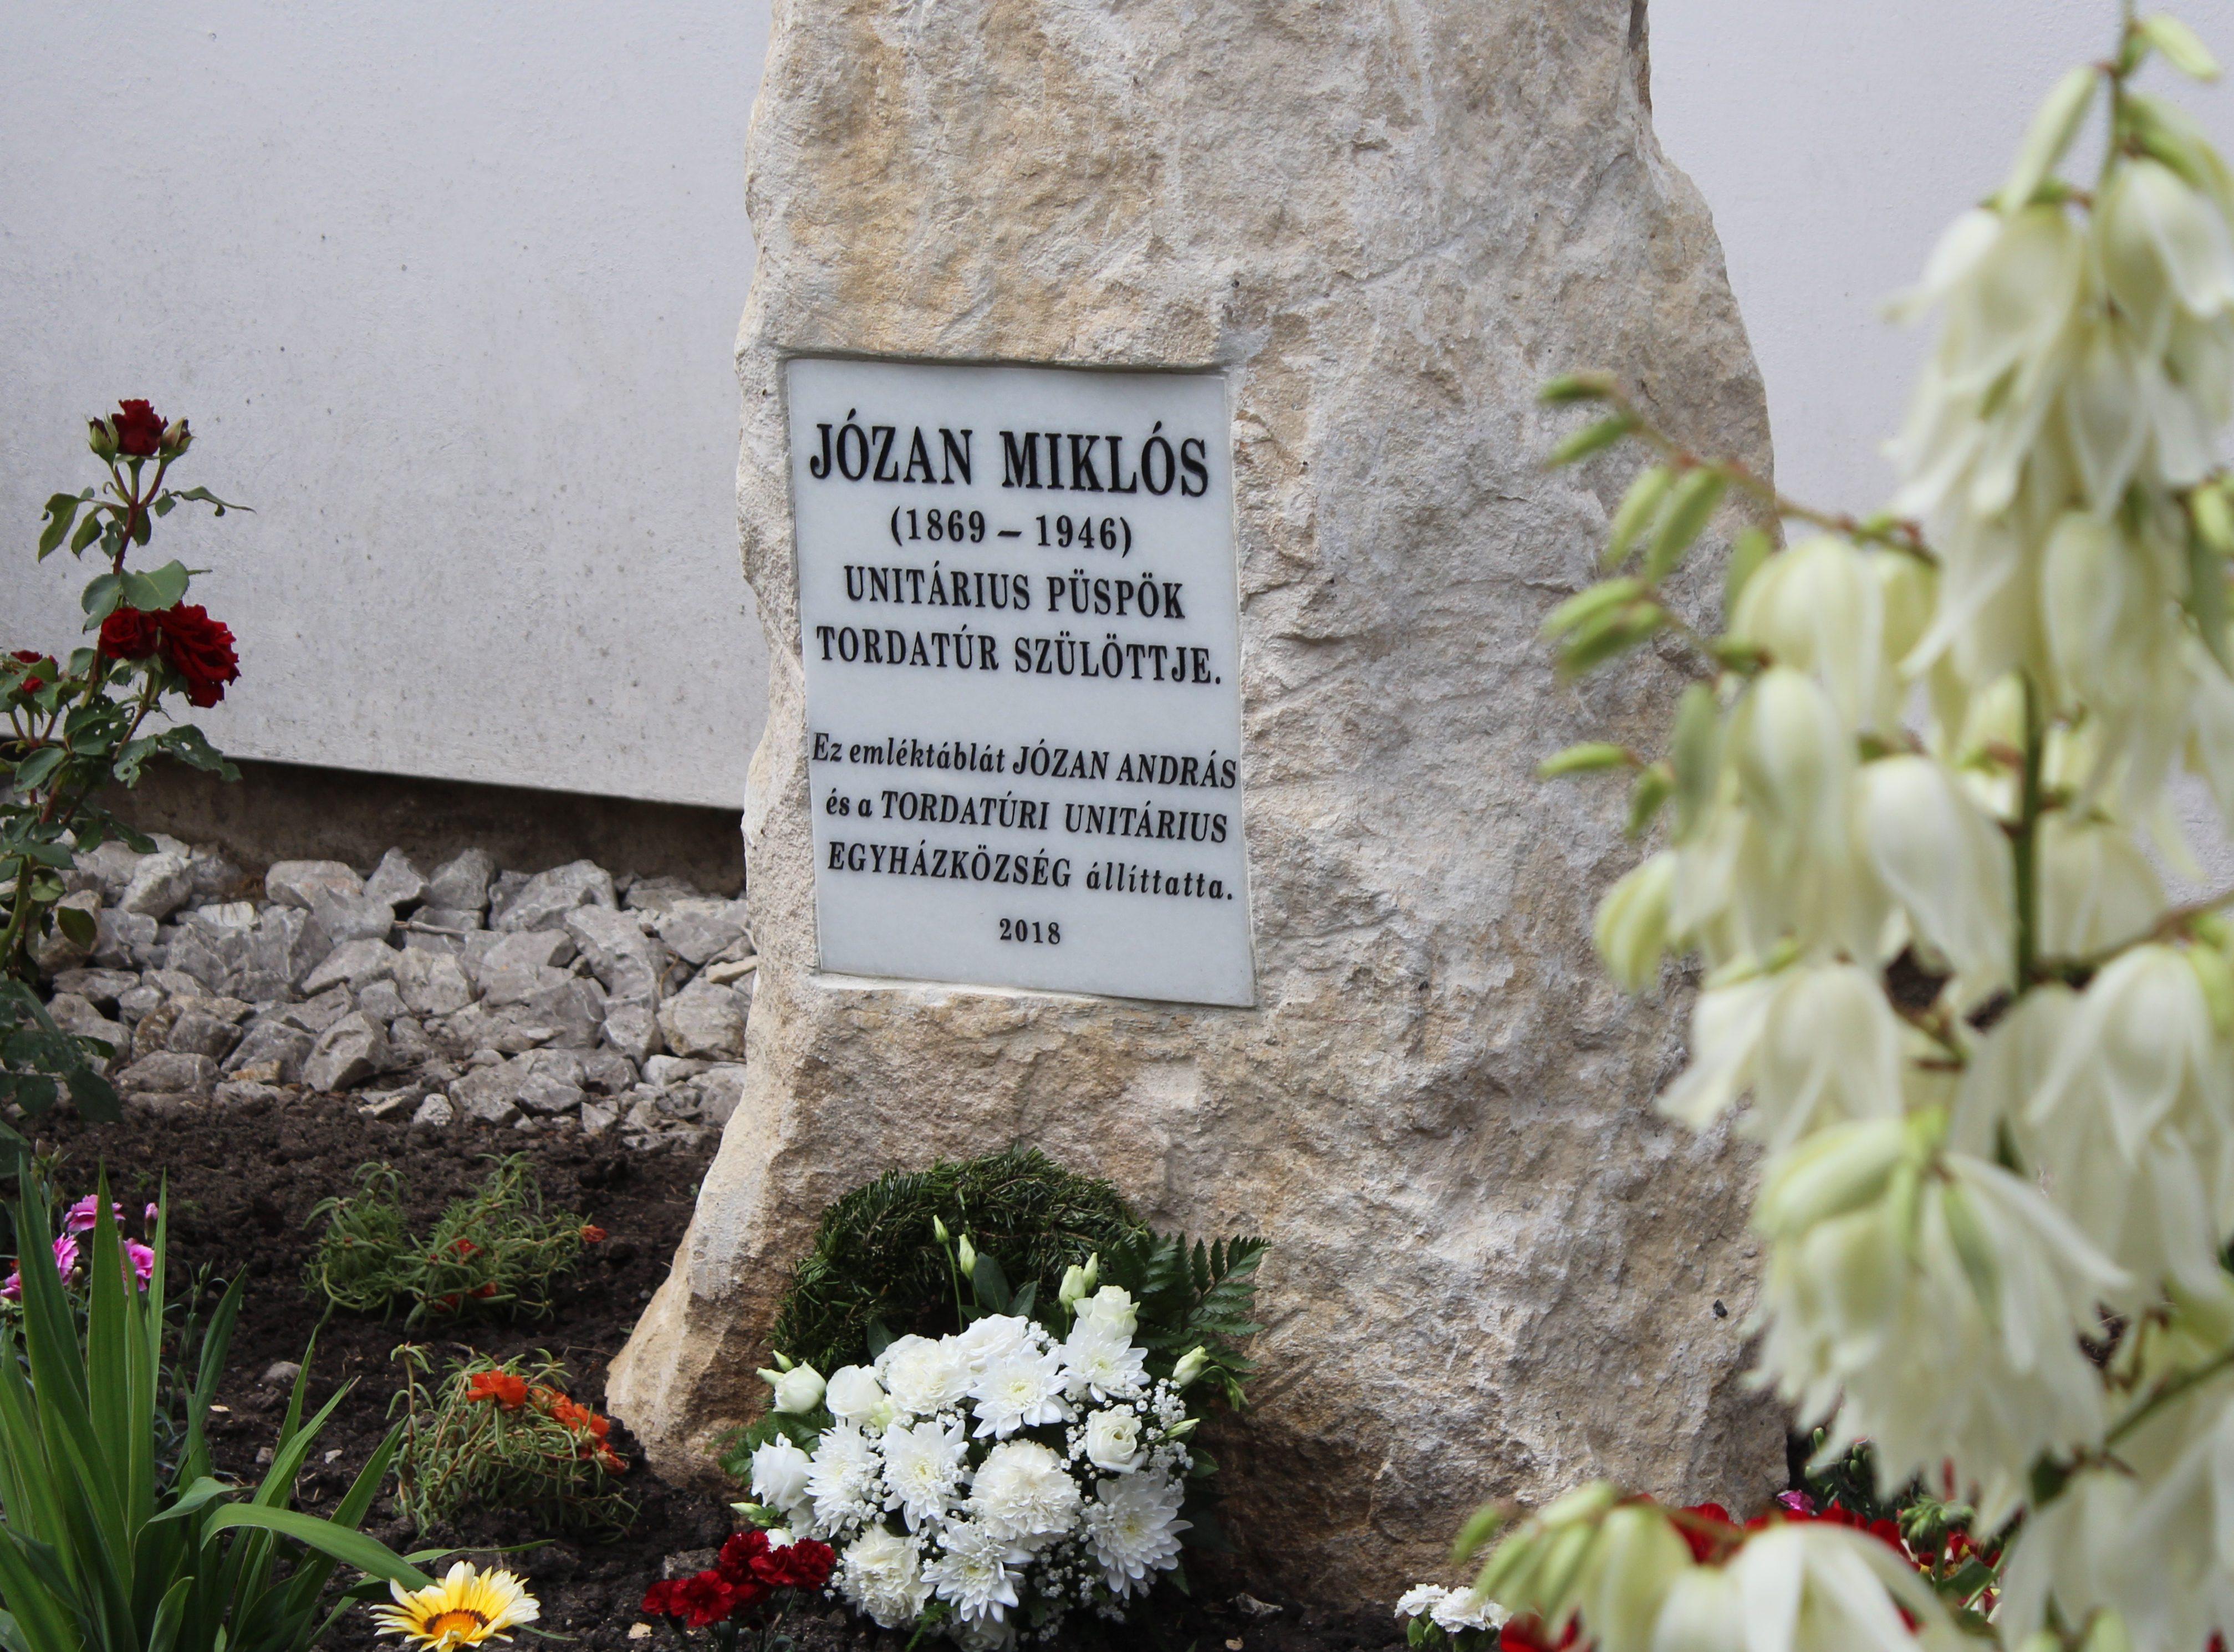 Józan Miklós emlékezete